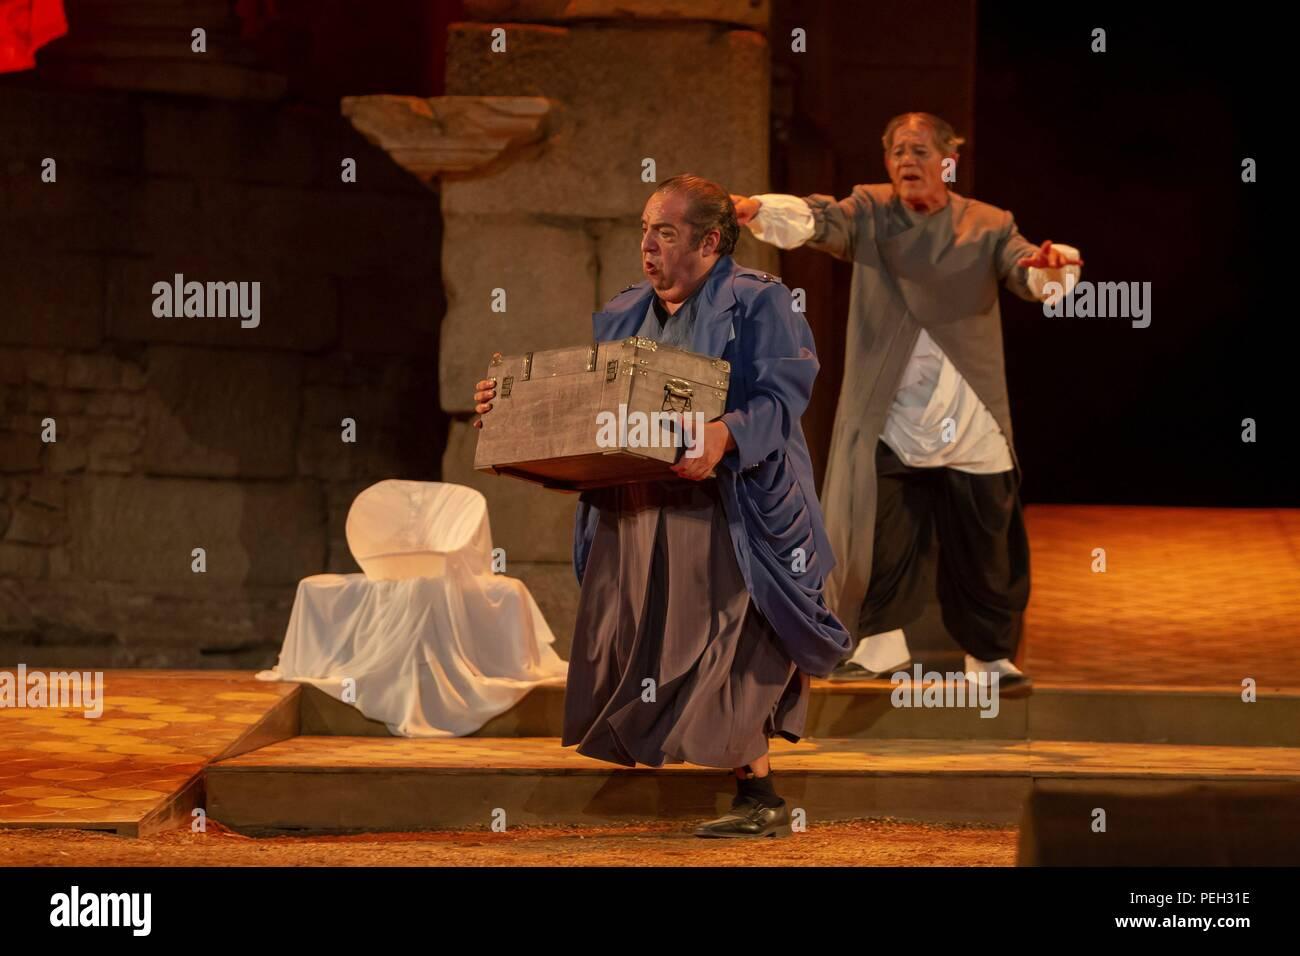 Alcuni attori eseguire durante la prova del gioco 'la comedia del fantasma' (Il fantasma della commedia) come parte del Teatro Classico Festival di Merida, western Spagna, fine 14 agosto 2018. Il gioco, basato in un testo di drammaturgo romano Plauto (c. 254 - 184 a.C.), corre dal 15 al 19 agosto. EFE/ Jero Morales Immagini Stock